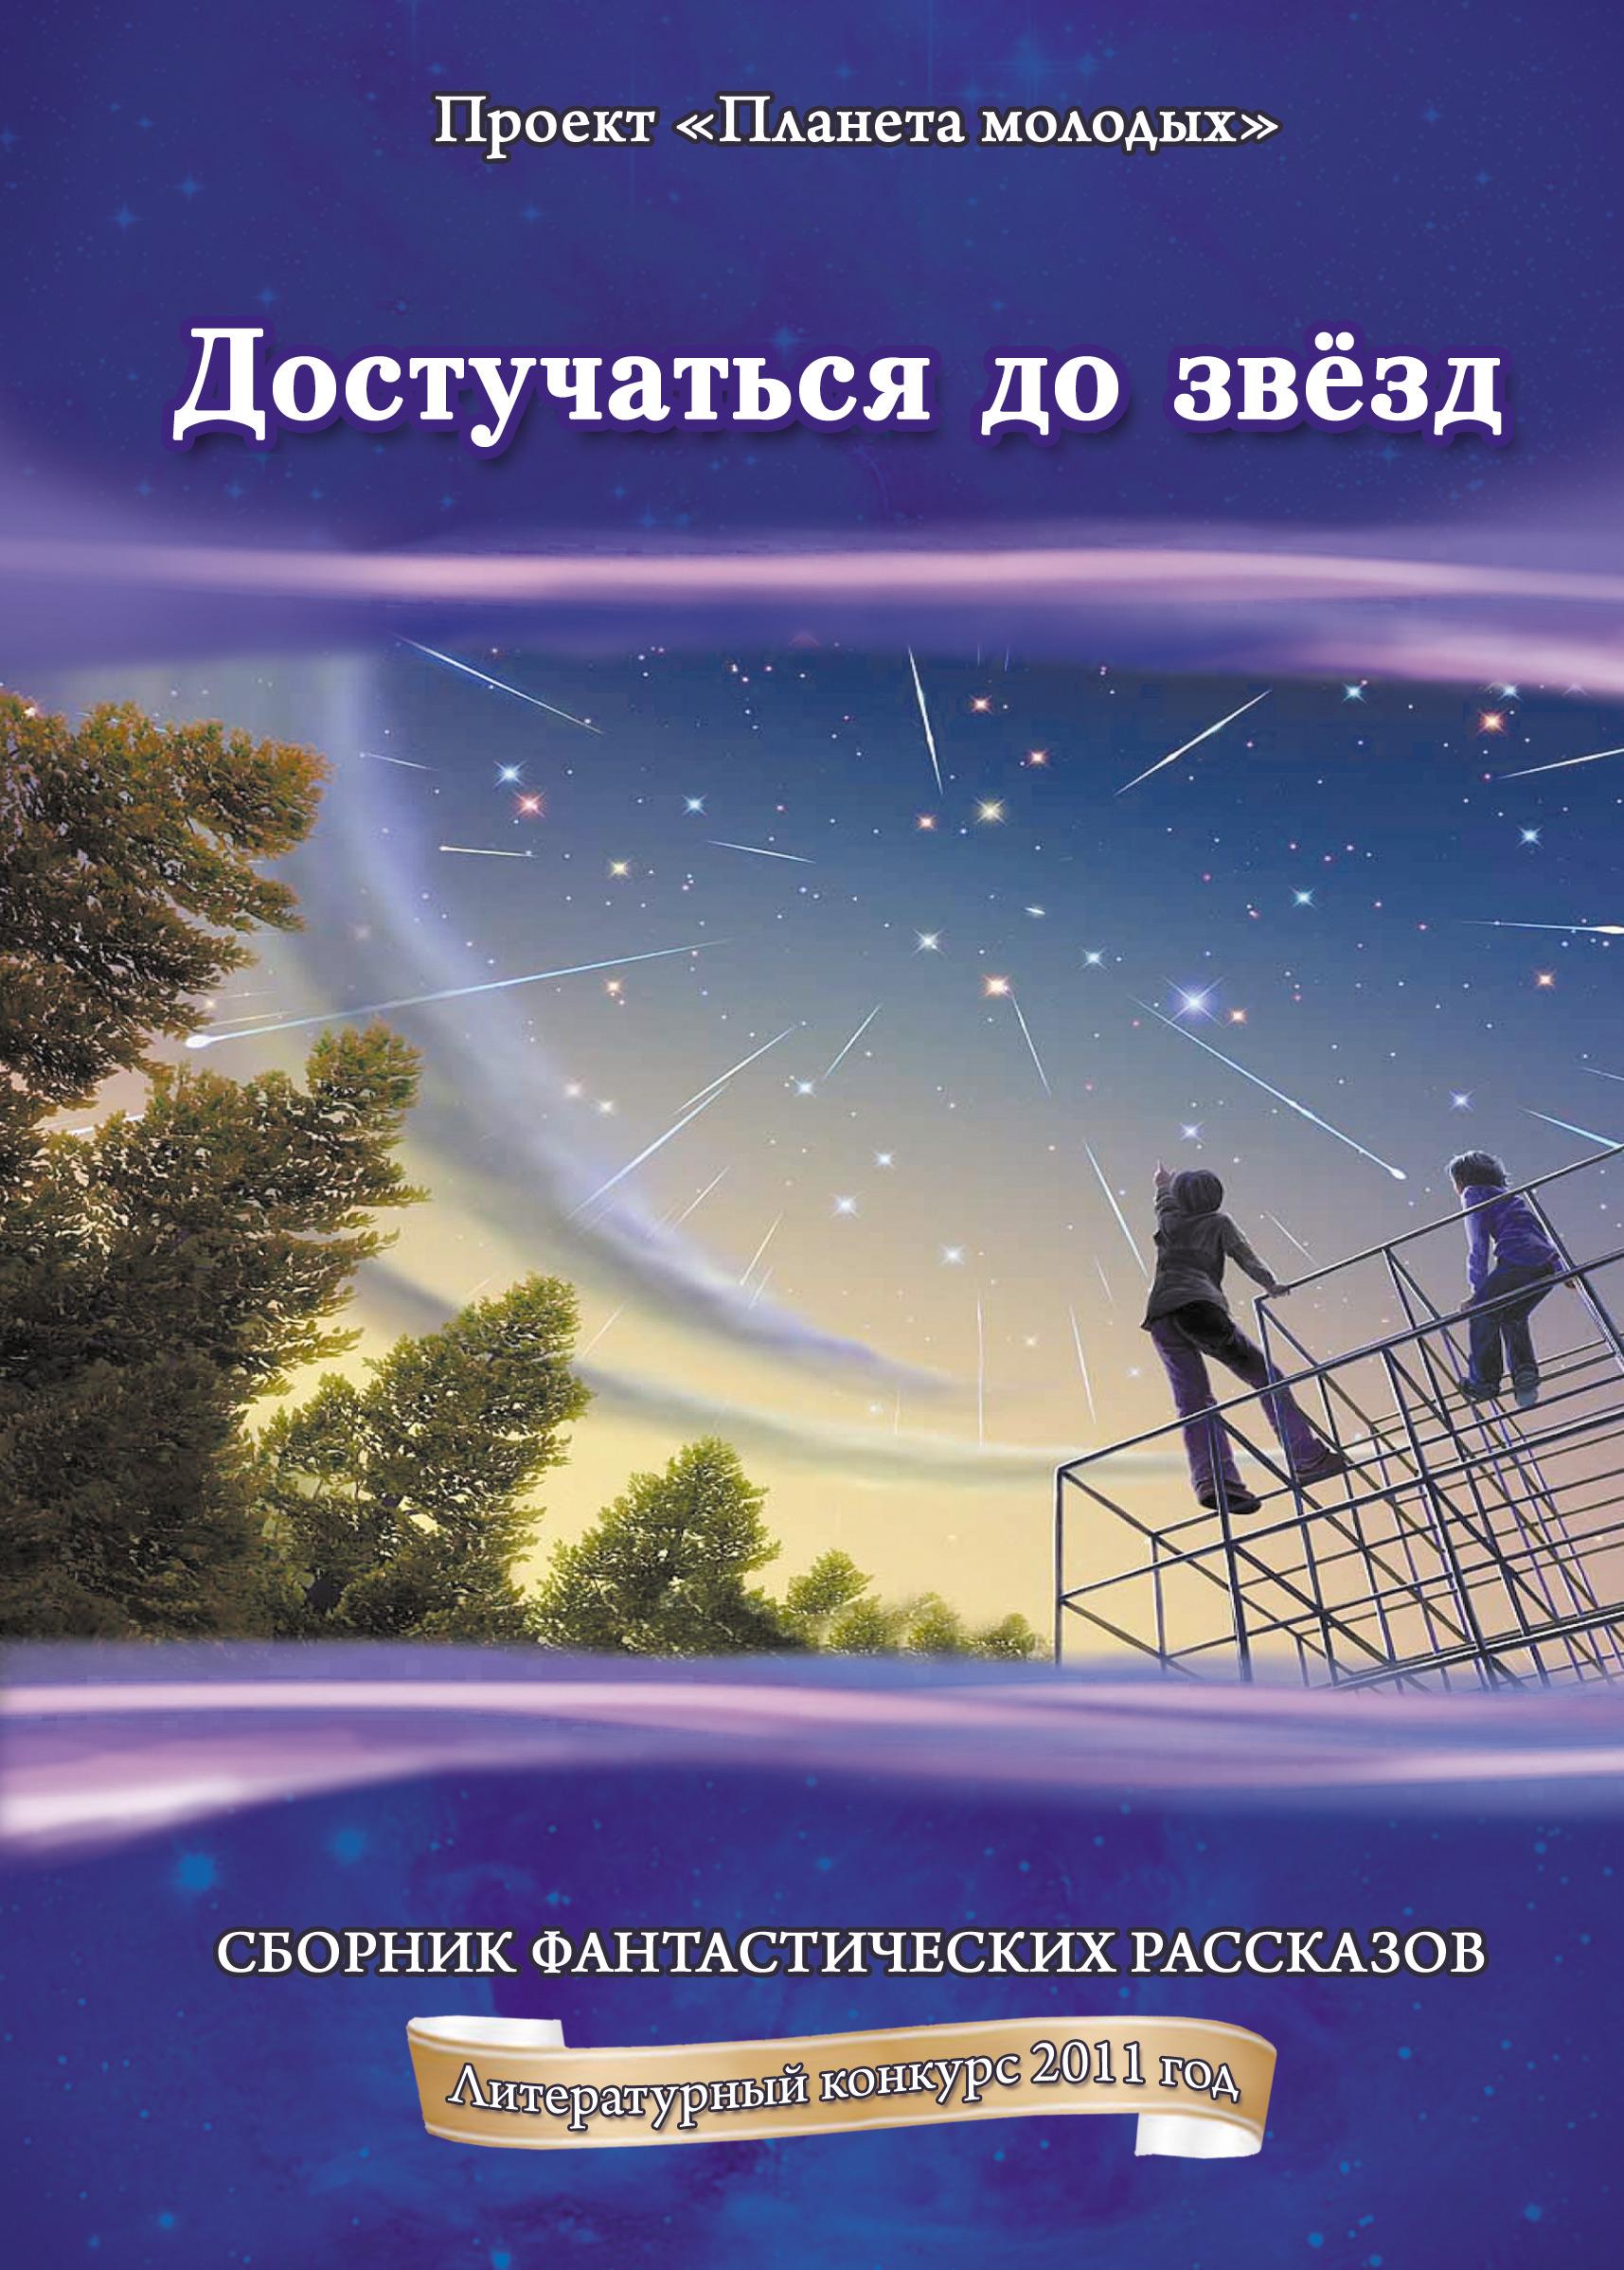 цена на Коллектив авторов Достучаться до звёзд: сборник фантастических рассказов